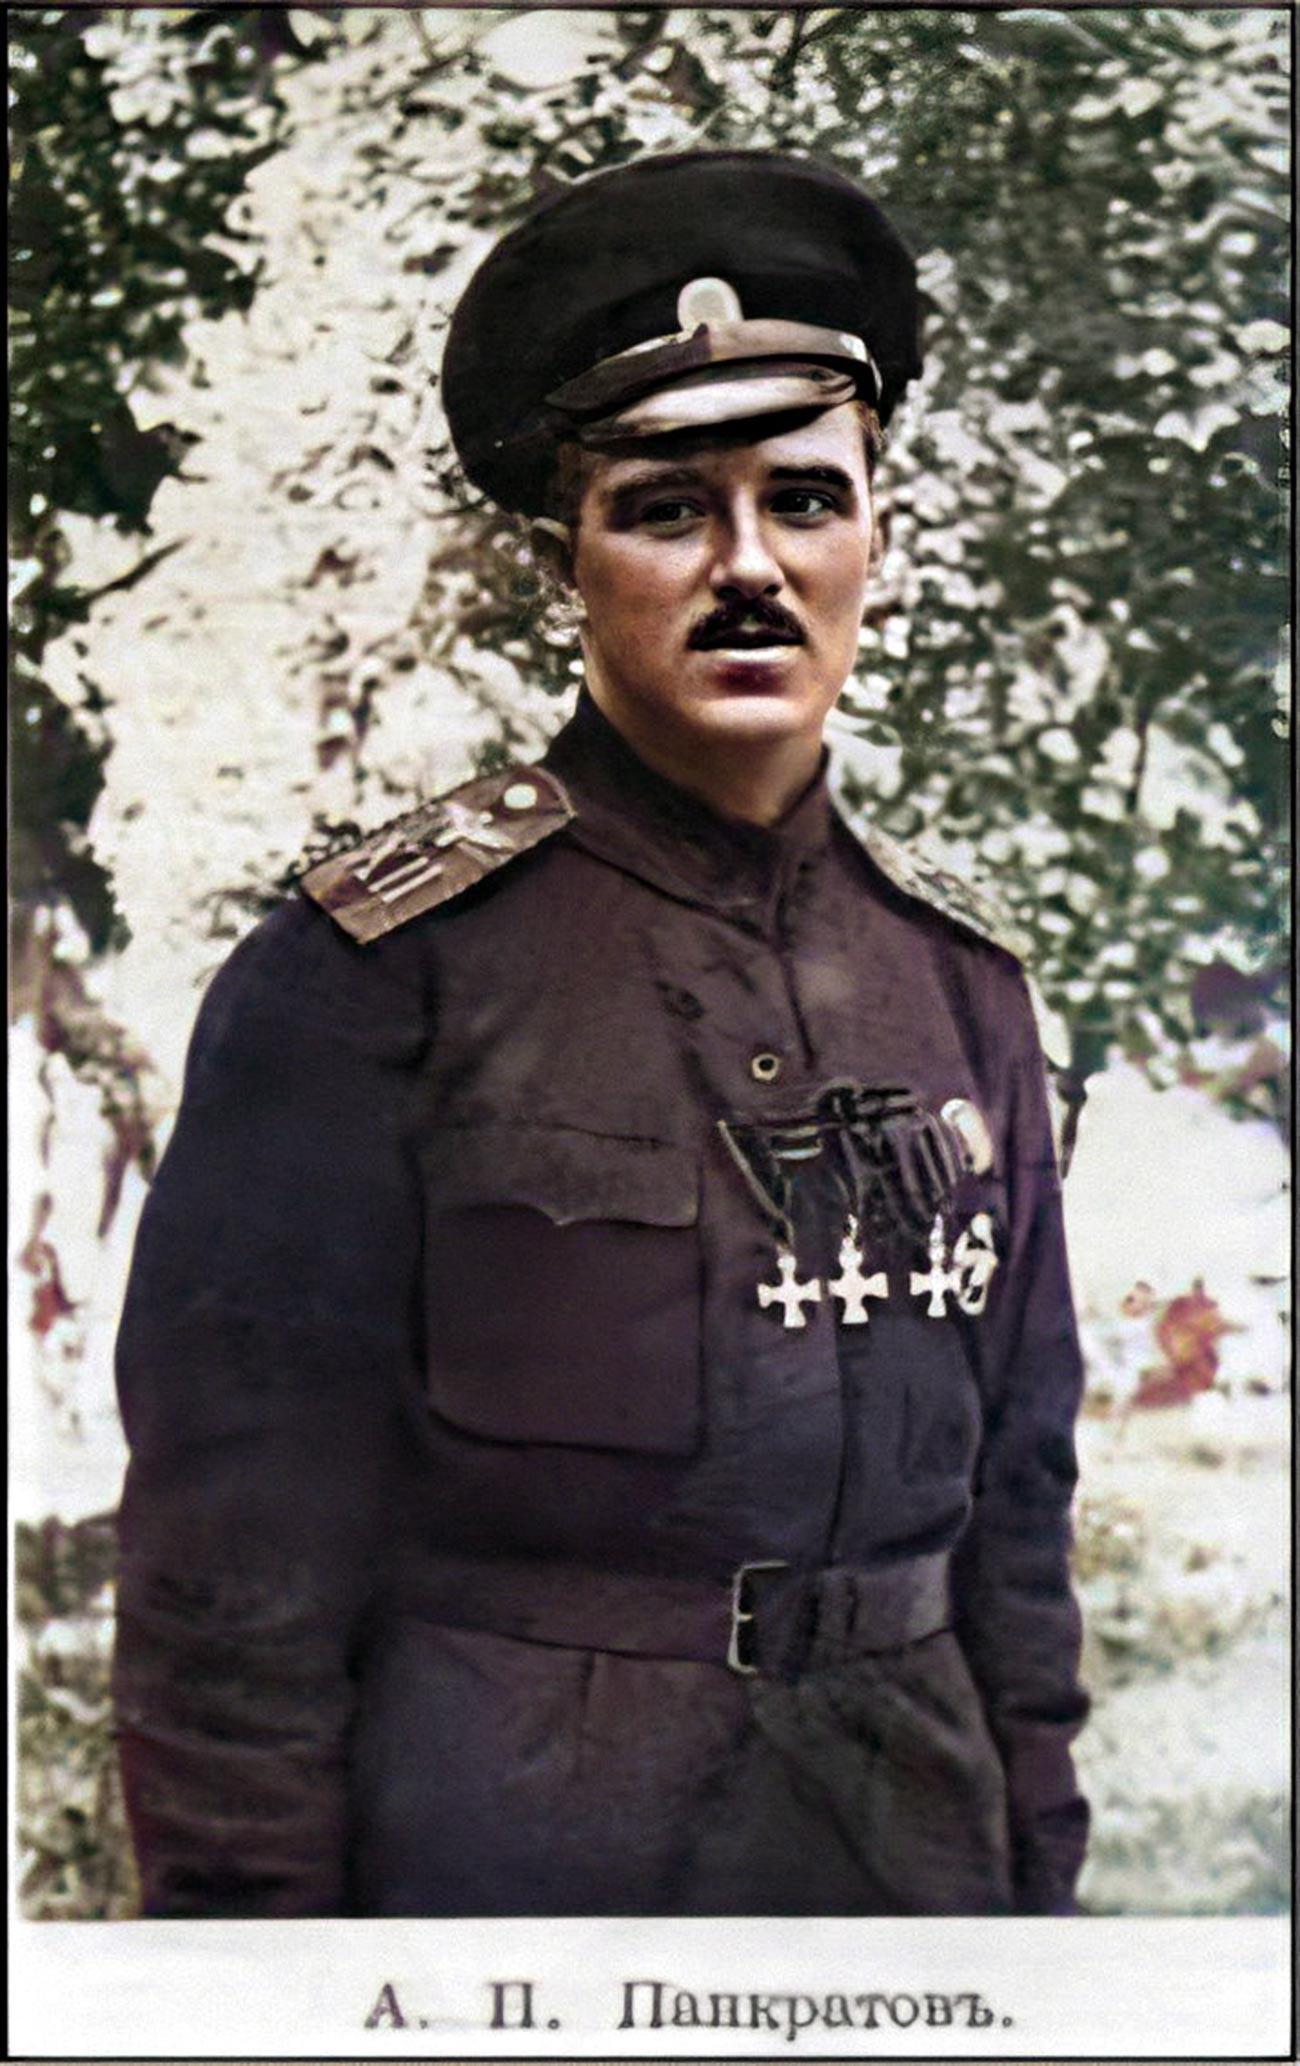 Онисим Панкратов в униформе 12го корпусного авиаотряда, с тремя Георгиевскими солдатскими крестами на груди